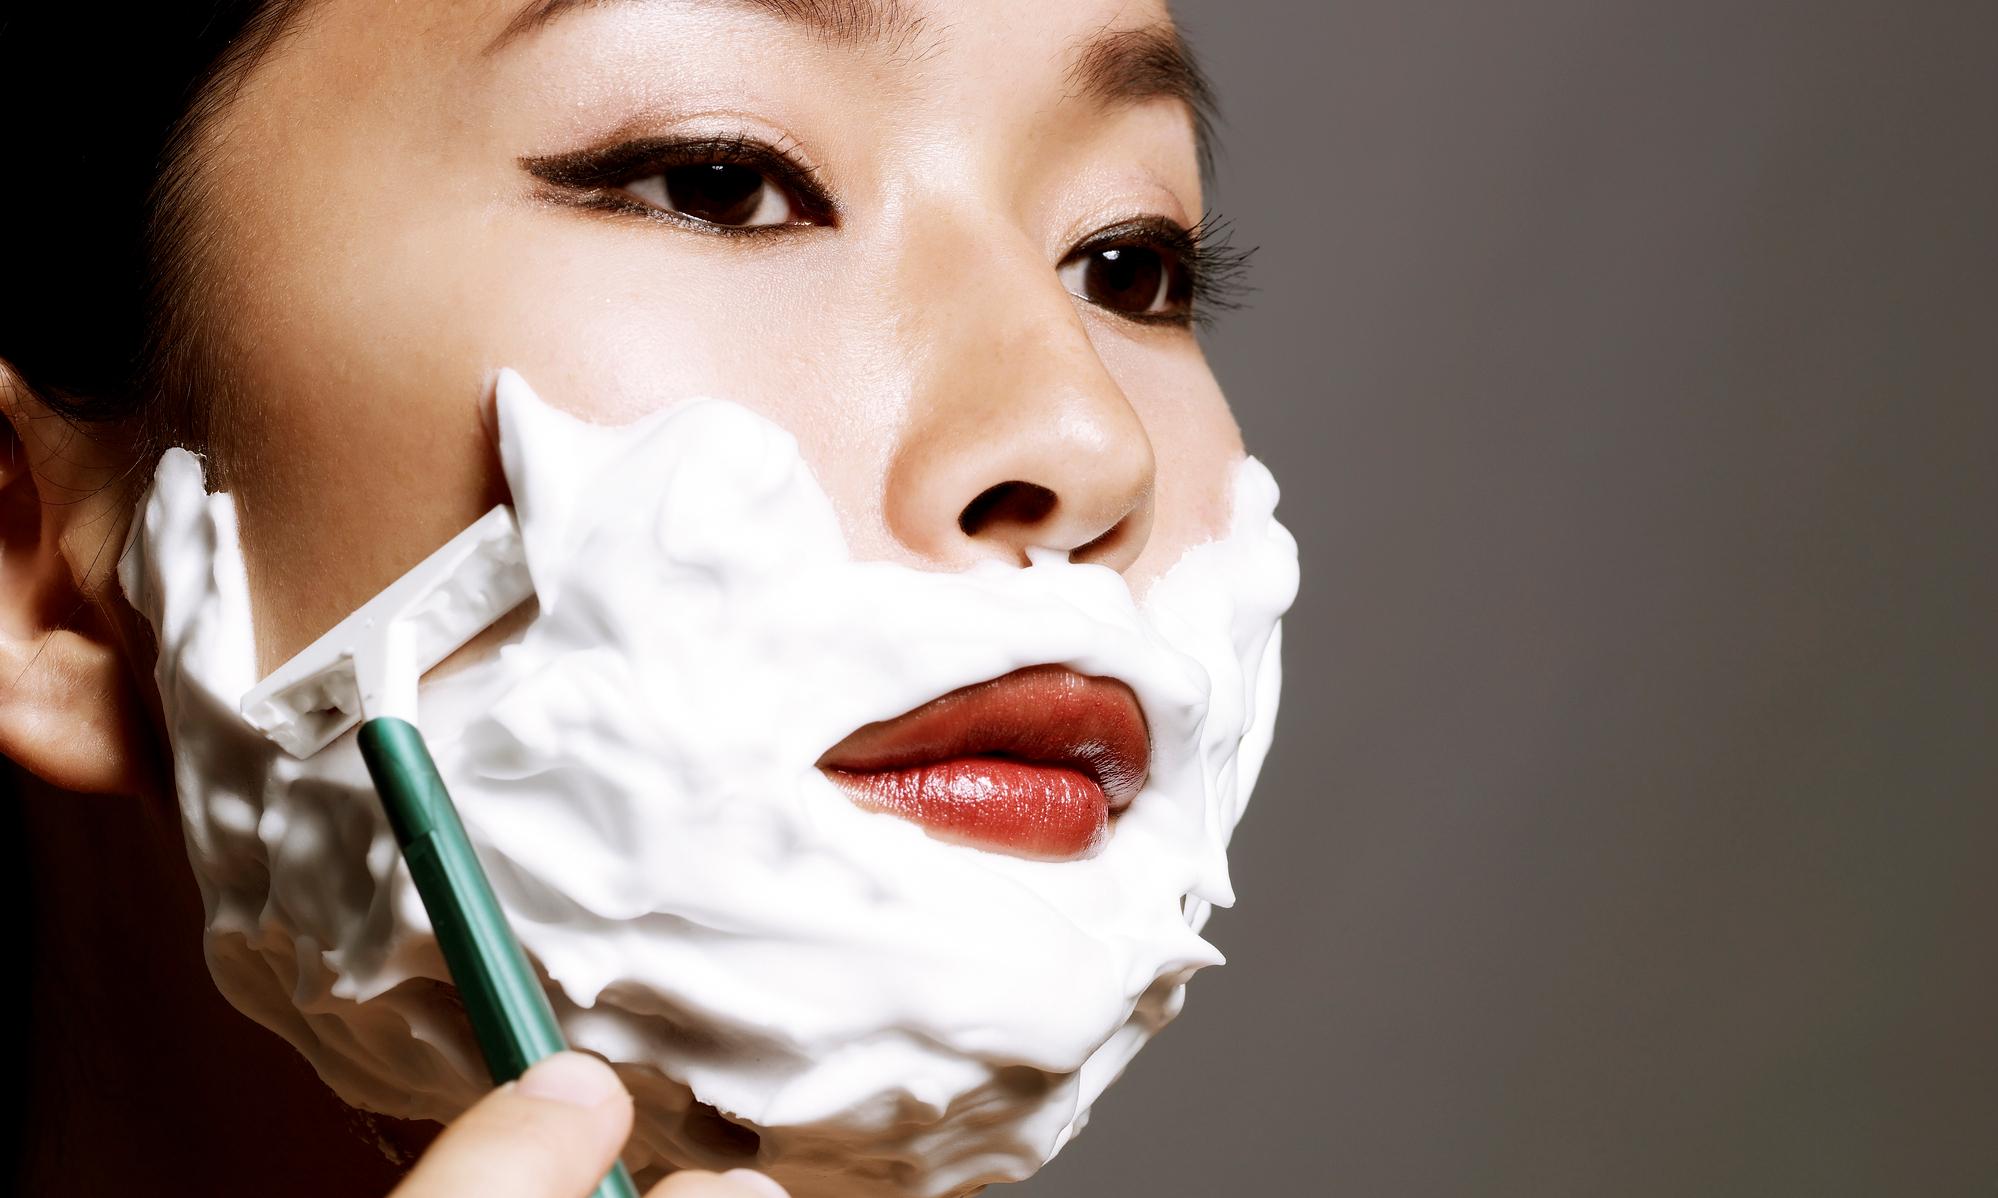 Опасное увлечение: зачем все модные девушки бреют лицо